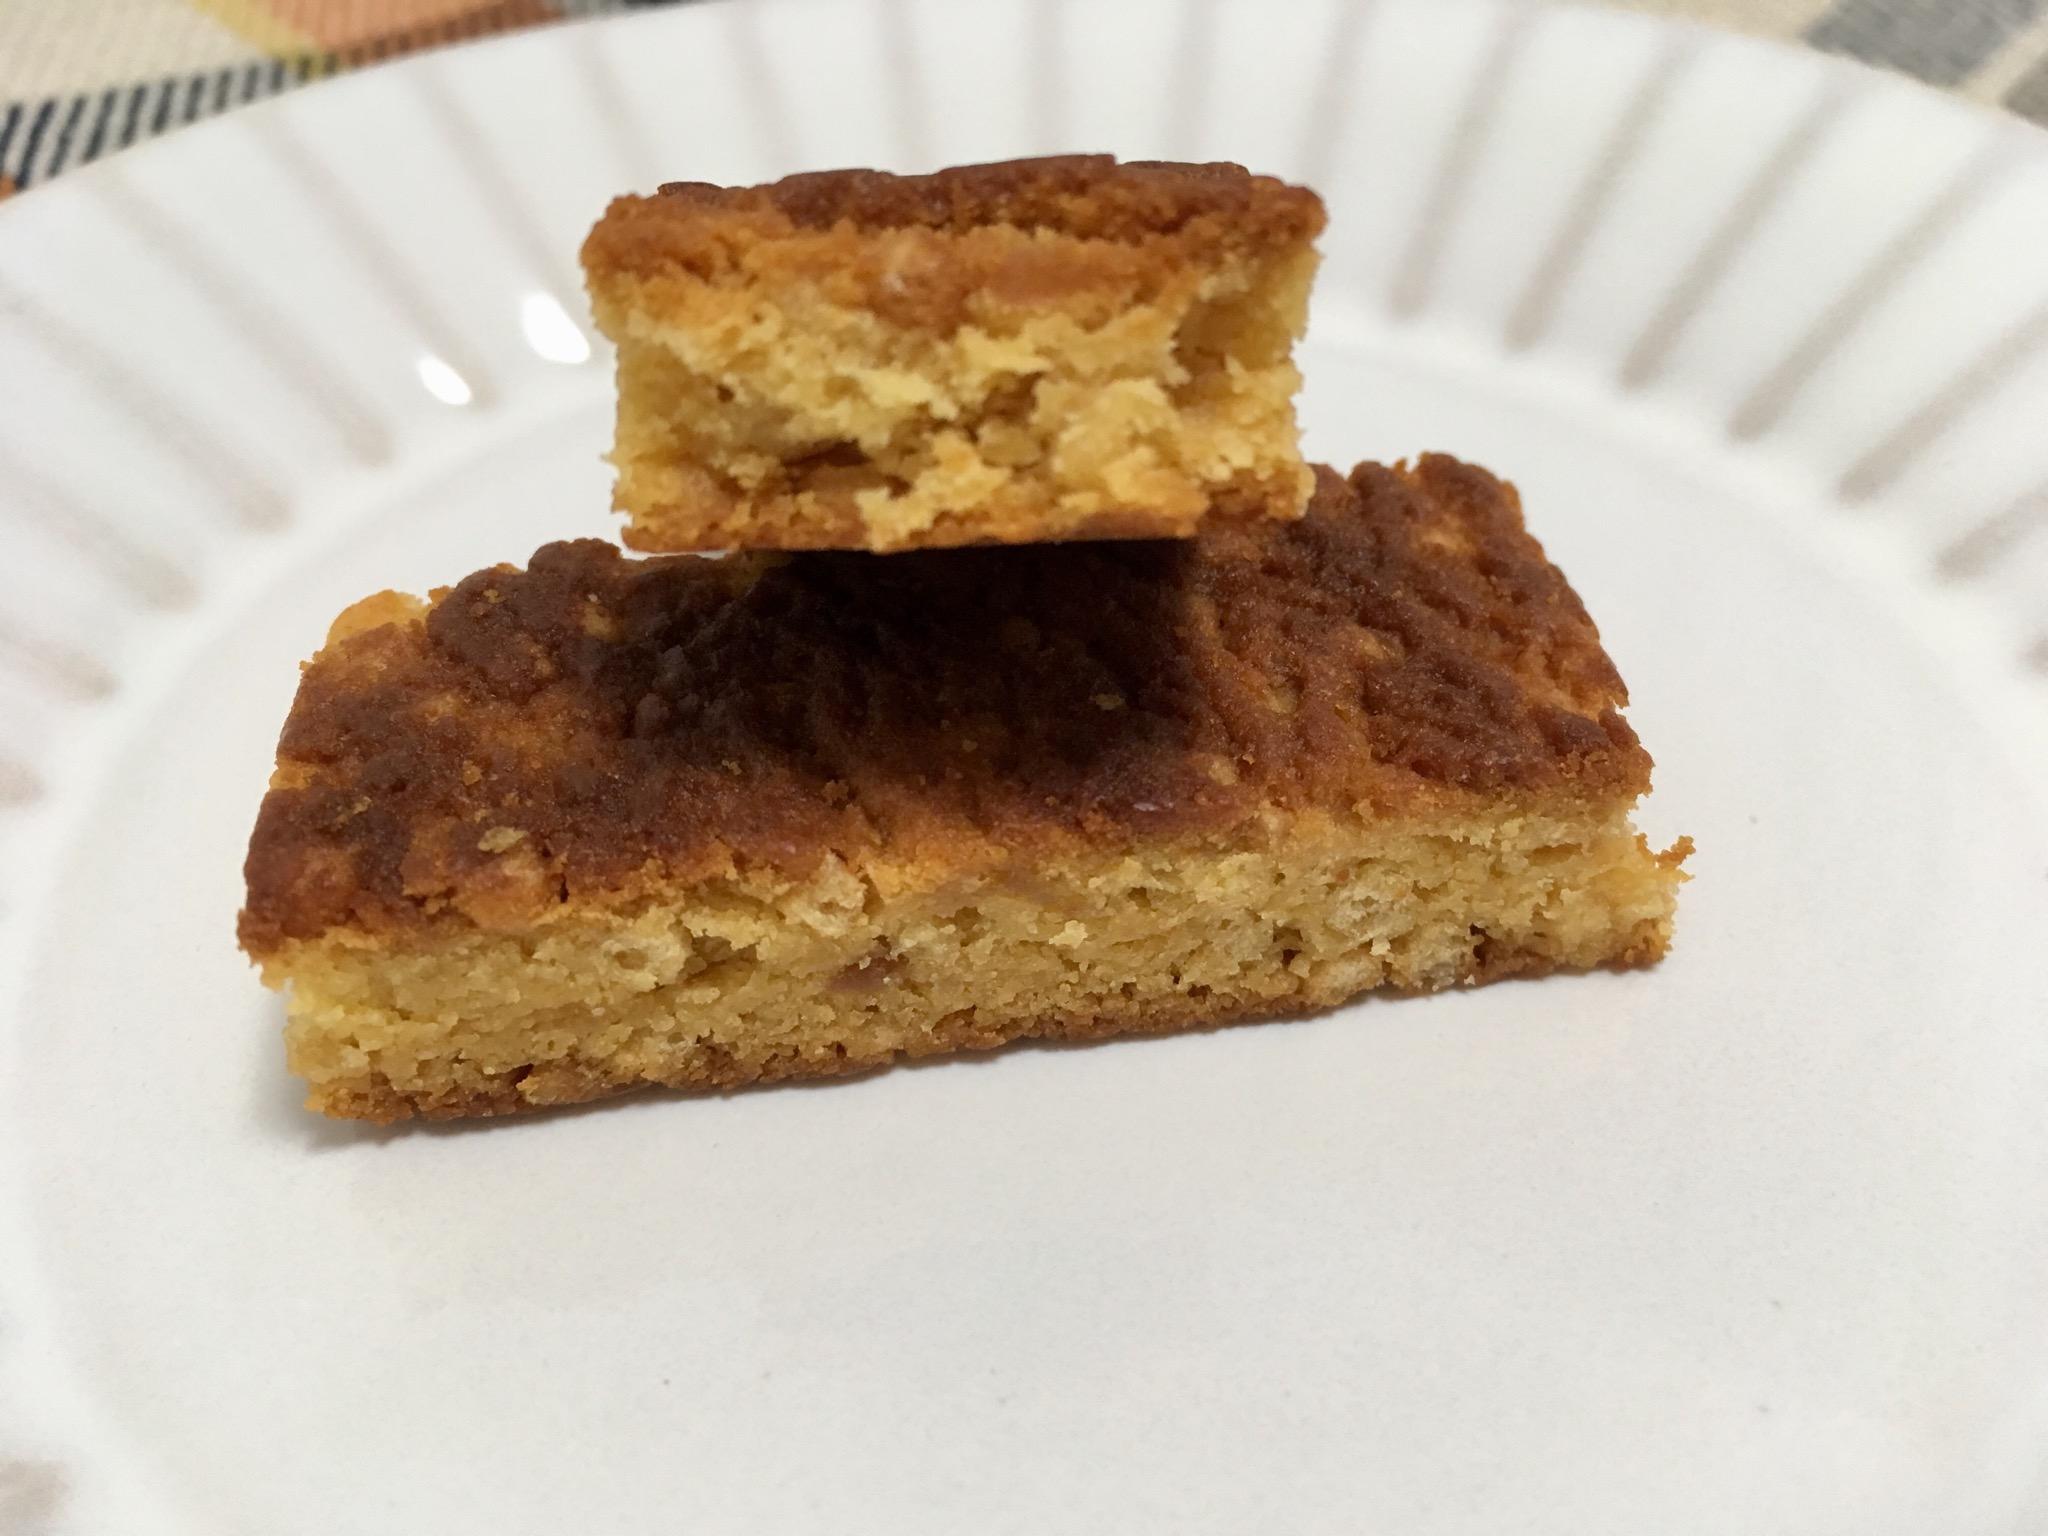 無印良品の糖質10g以下のお菓子 アップルの大豆バー